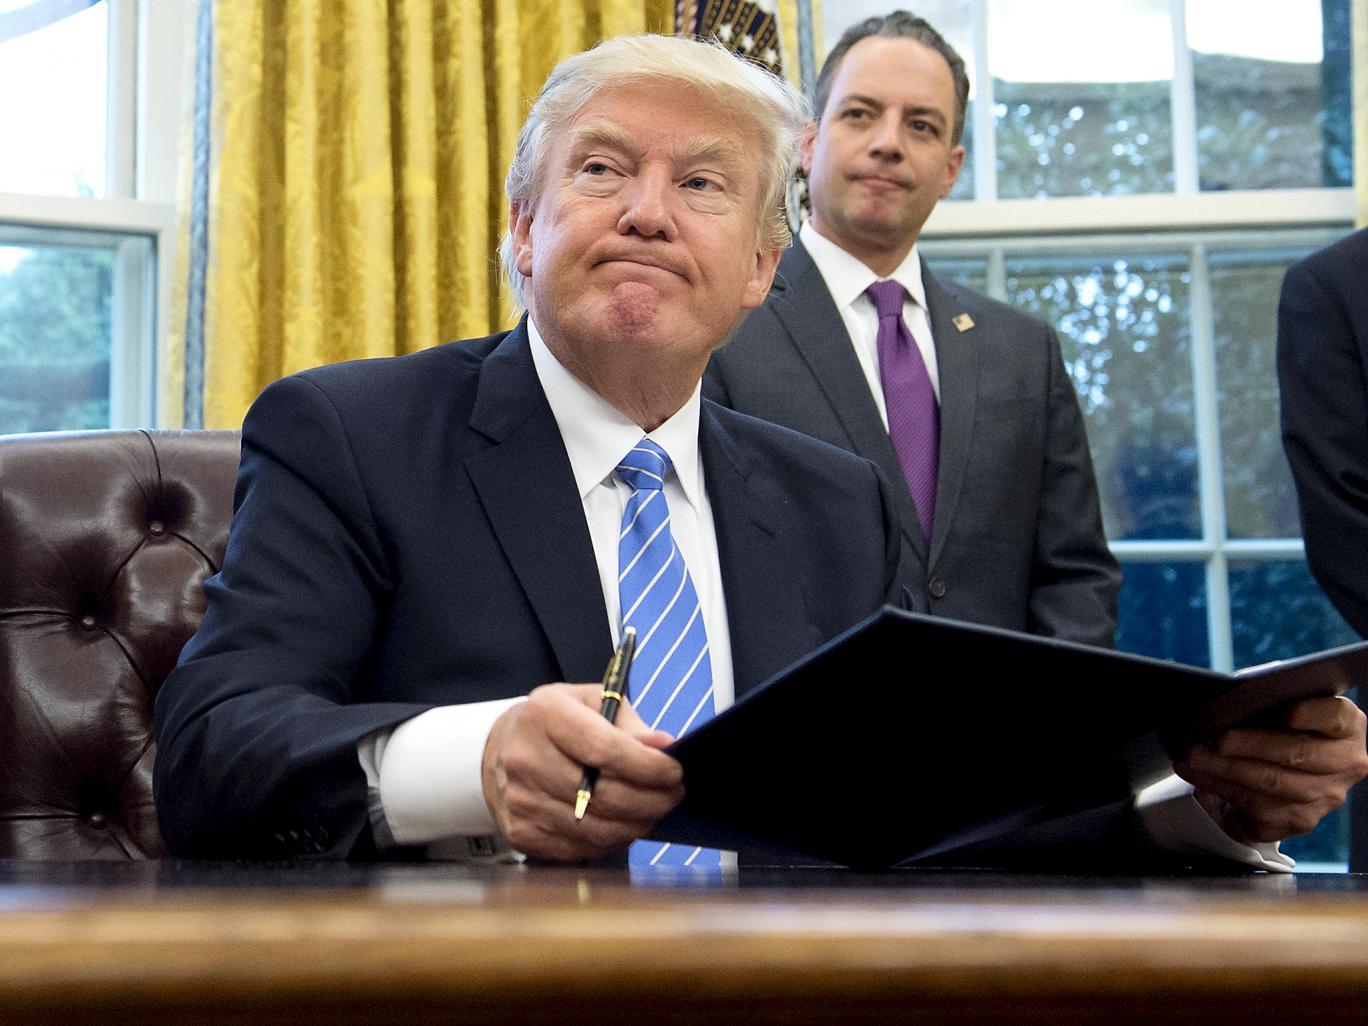 کاهش 15 درصدی محبوبیت ترامپ در کمتر از یک ماه